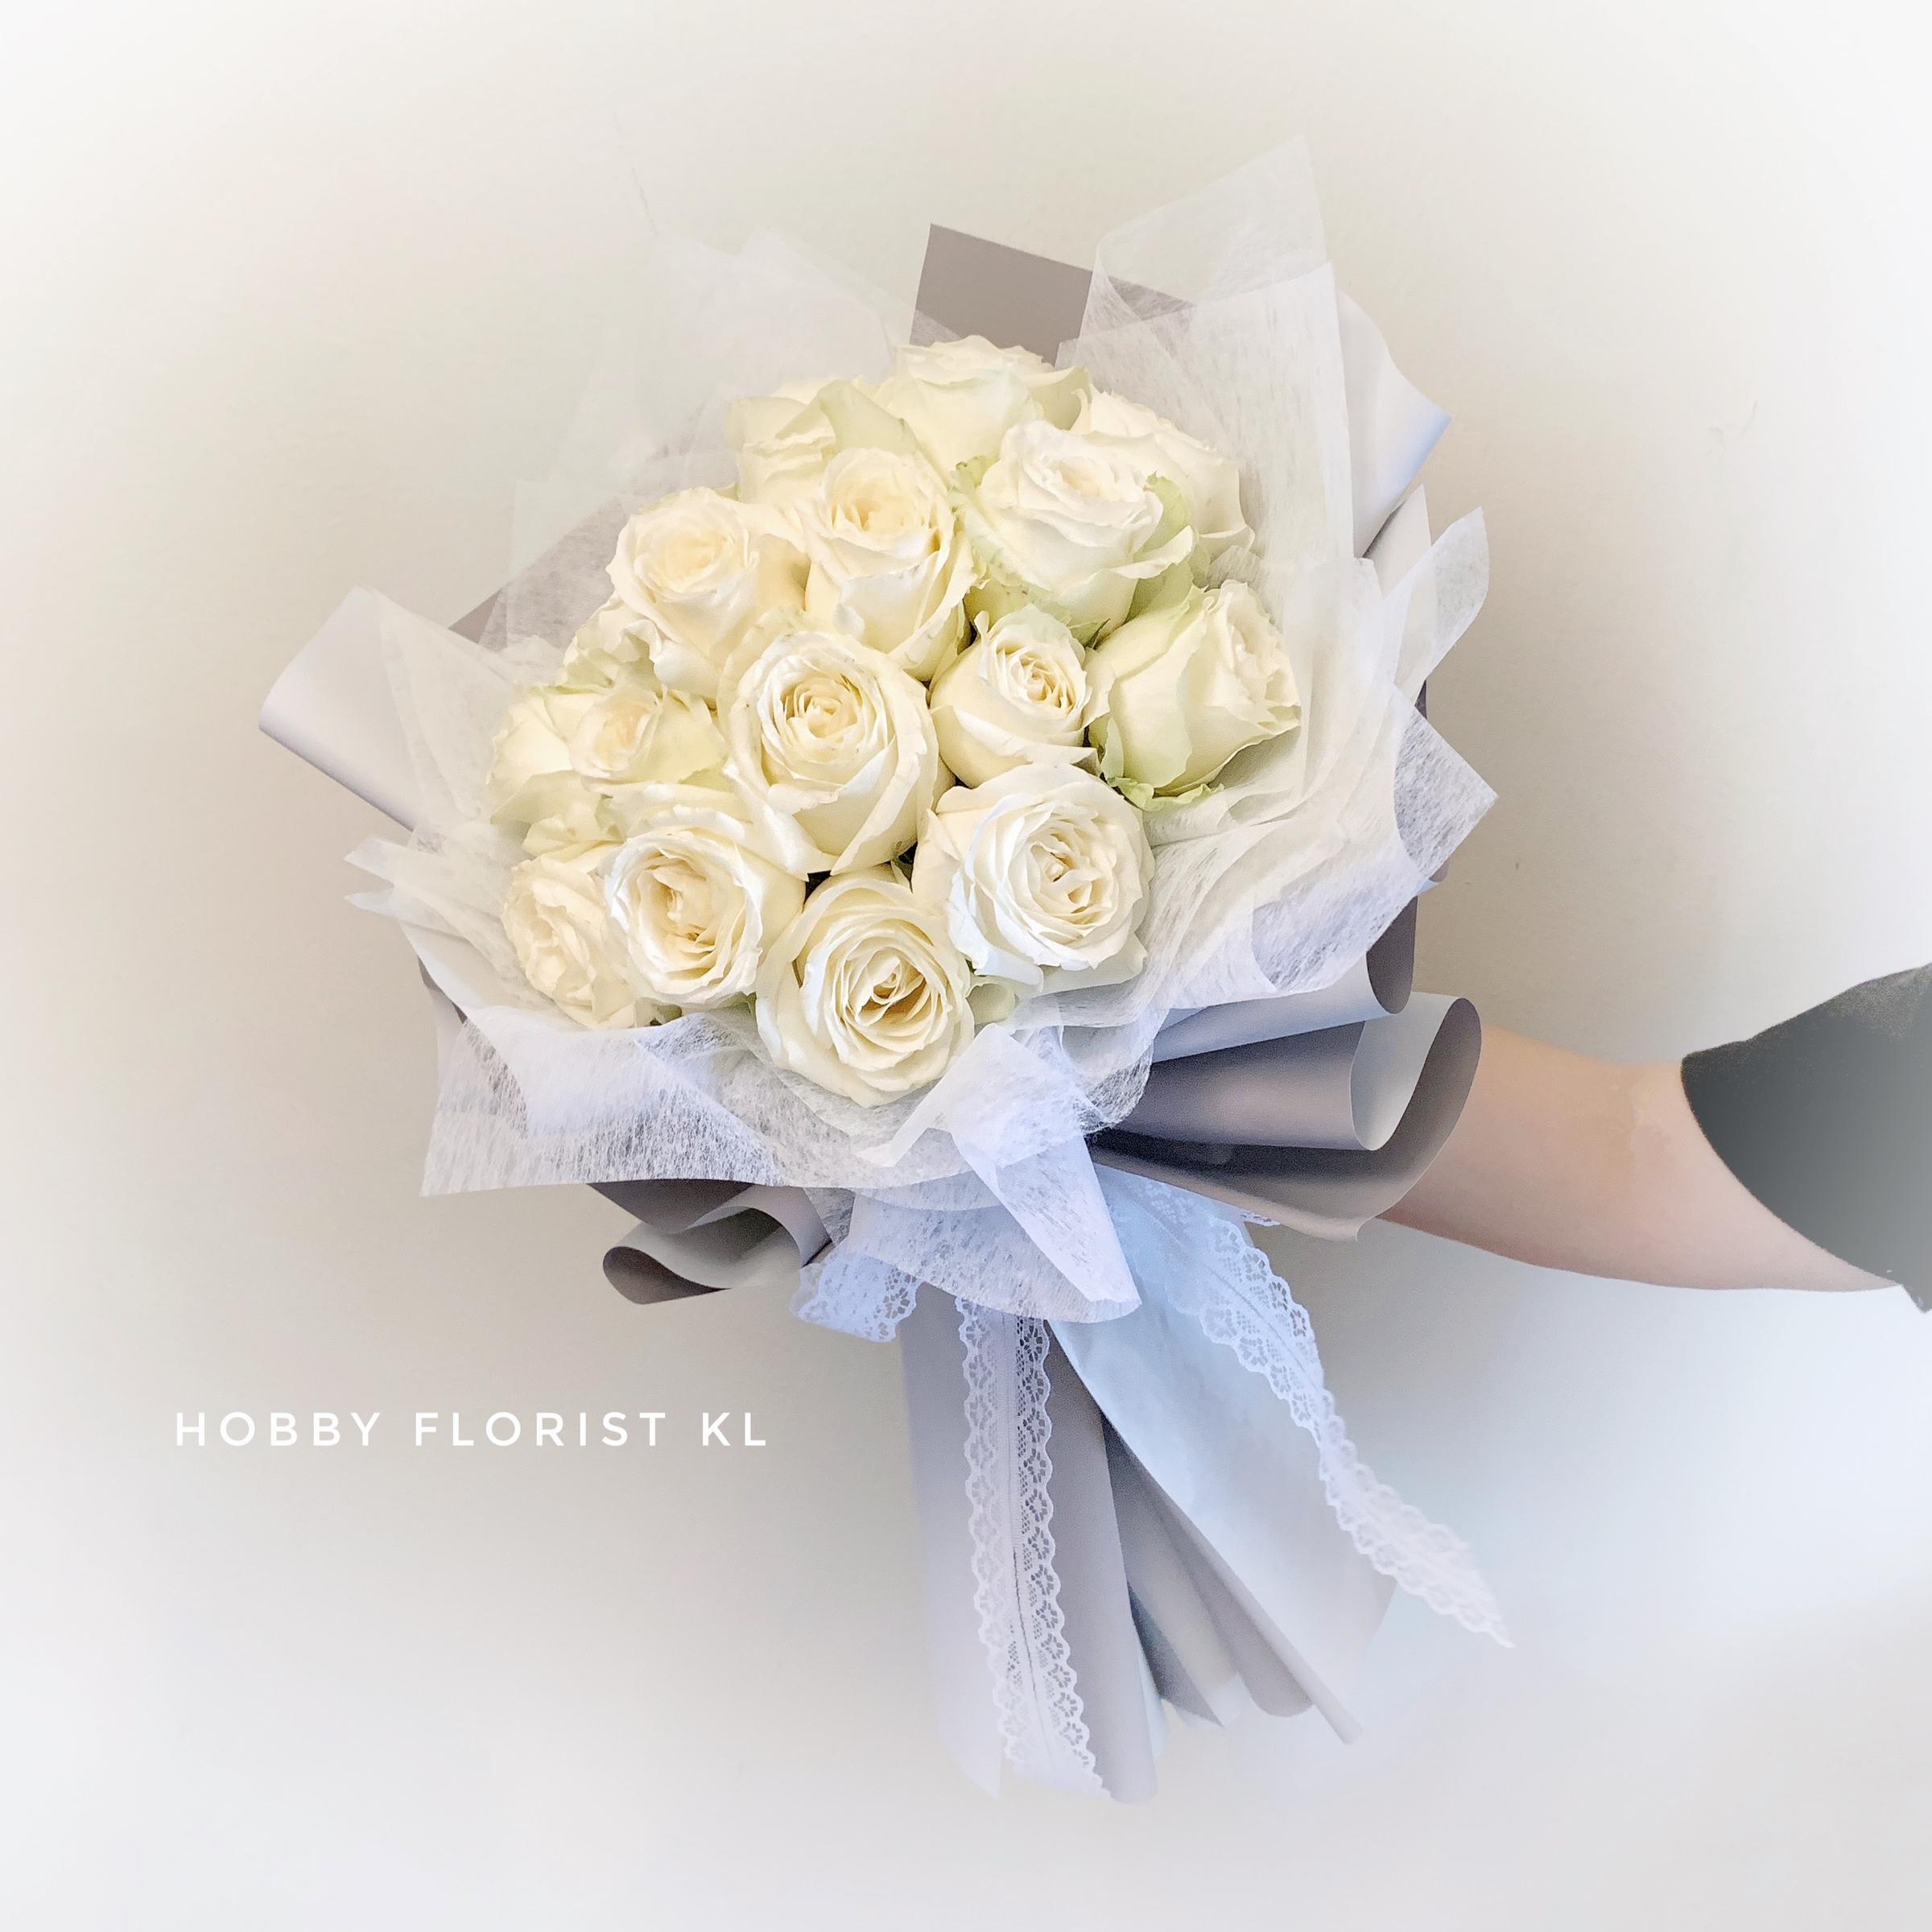 flower delivery kl 18.JPG